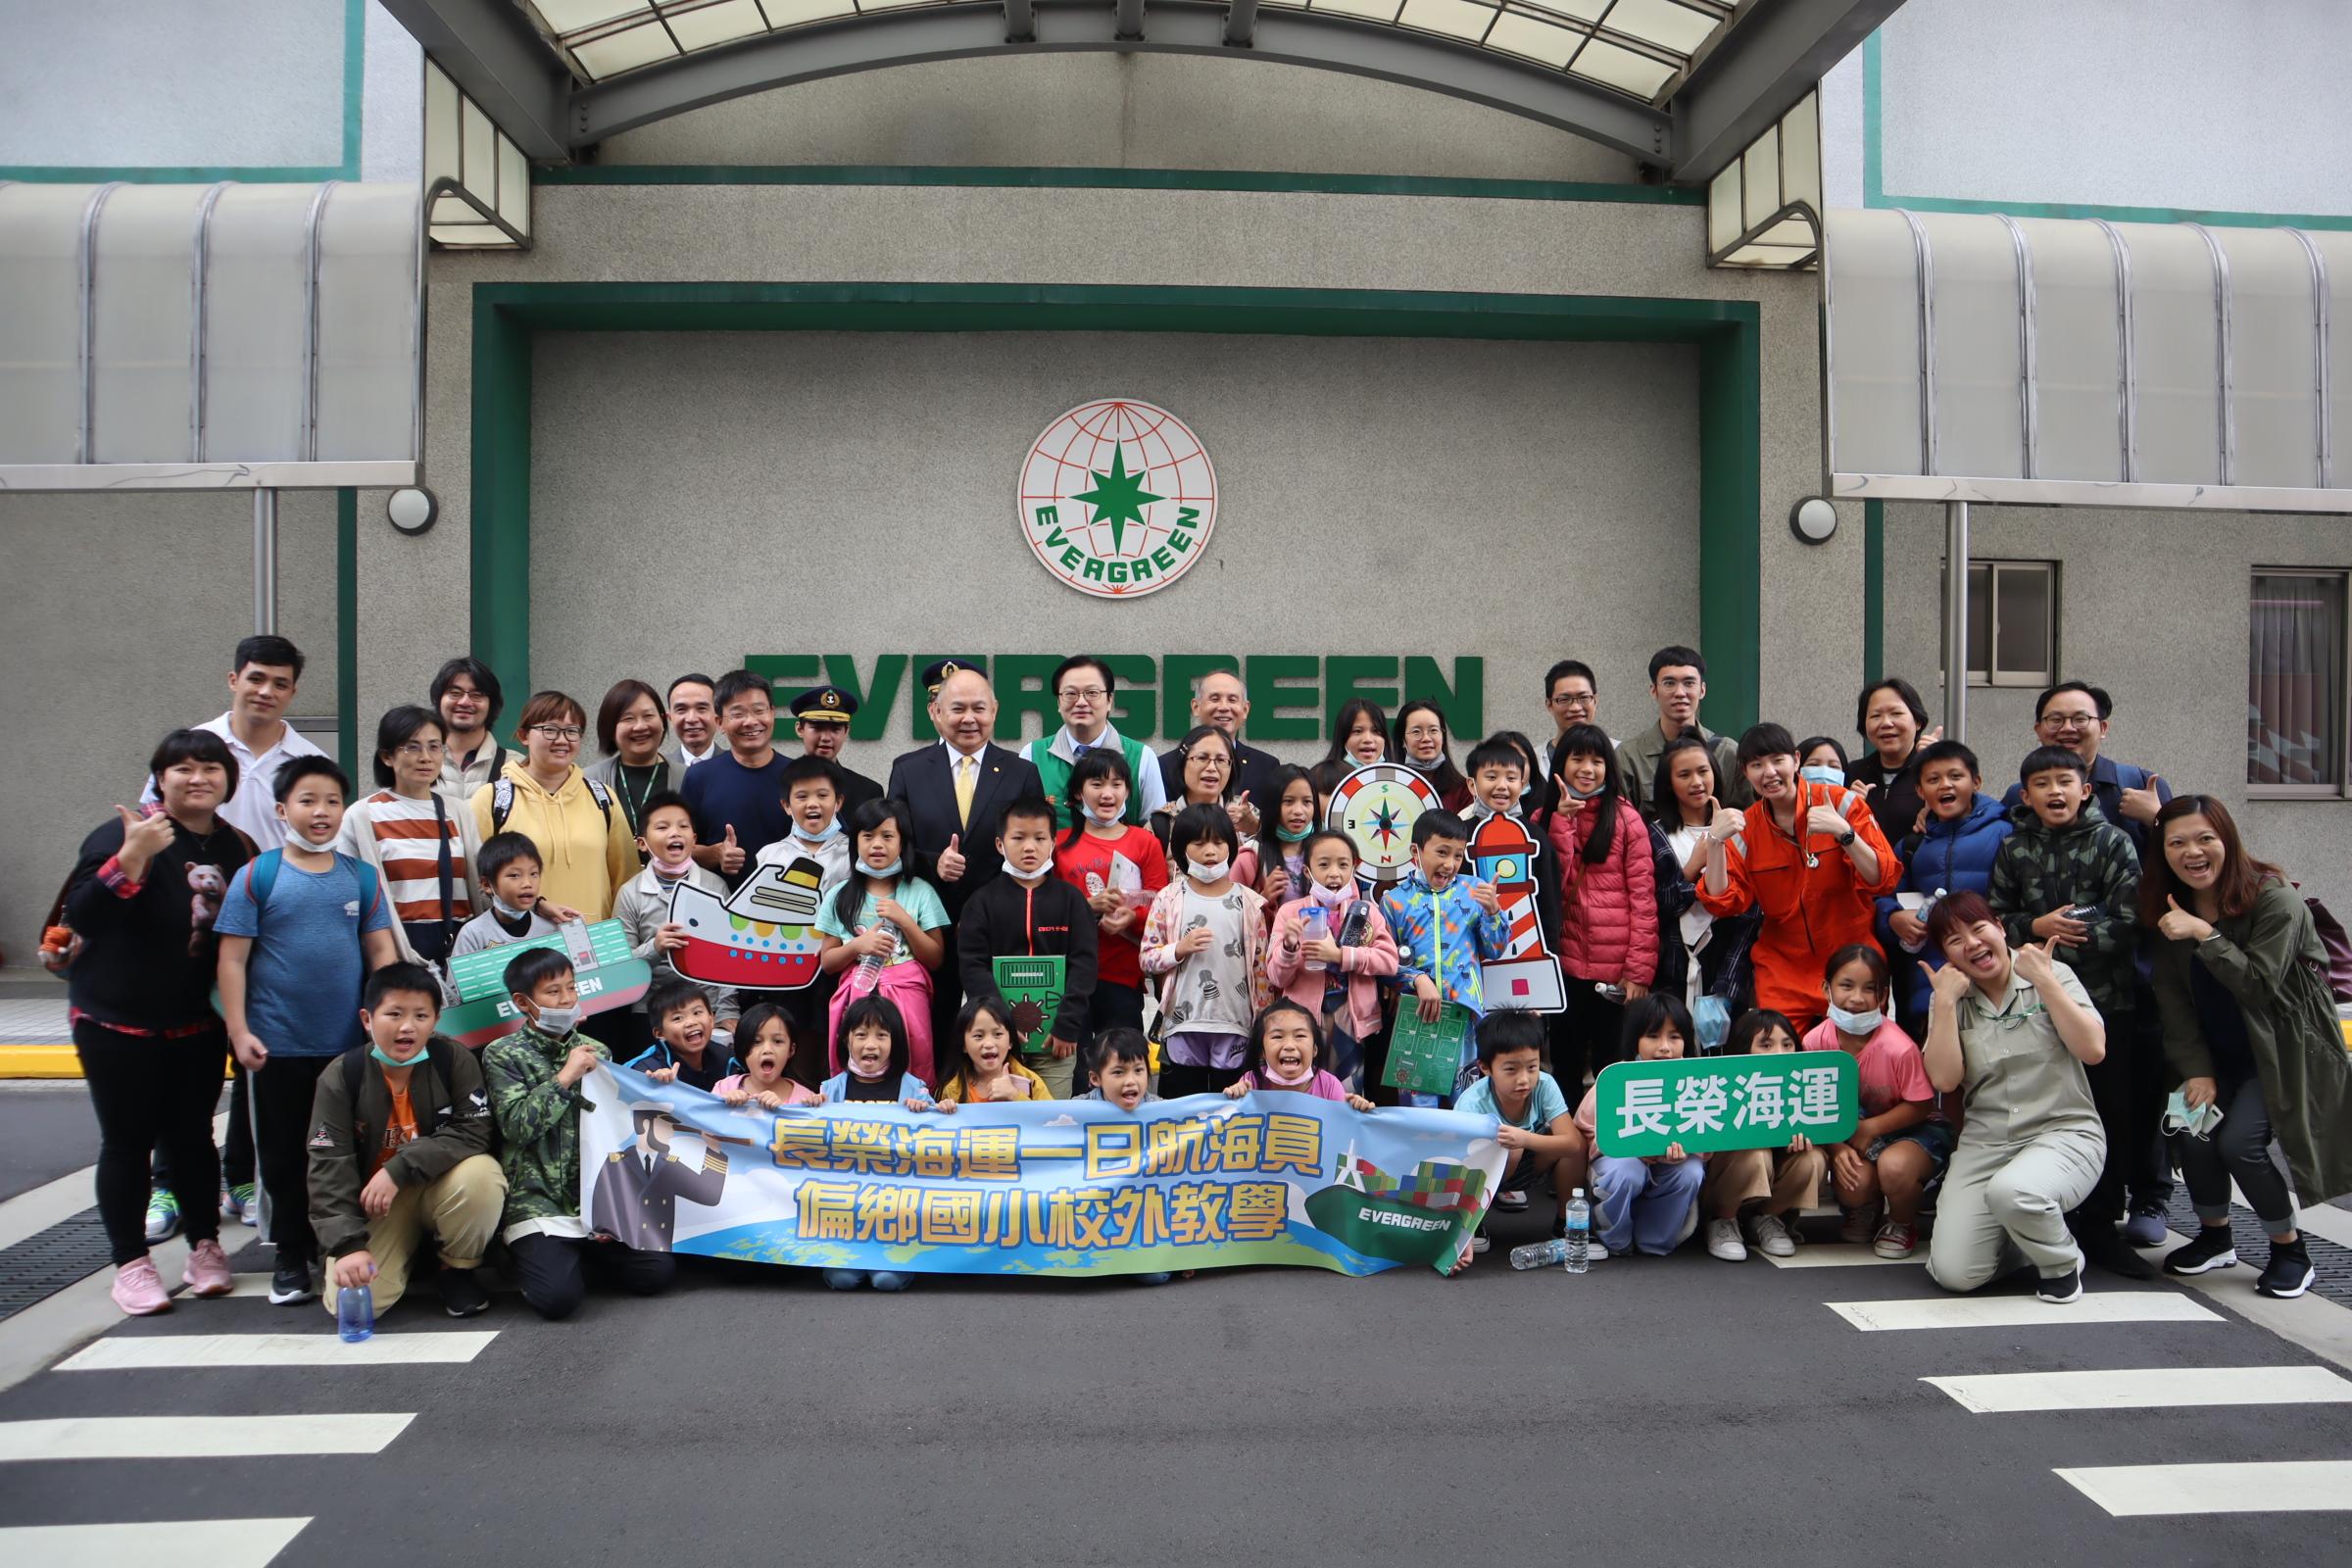 義盛國小師生參訪長榮海運總公司